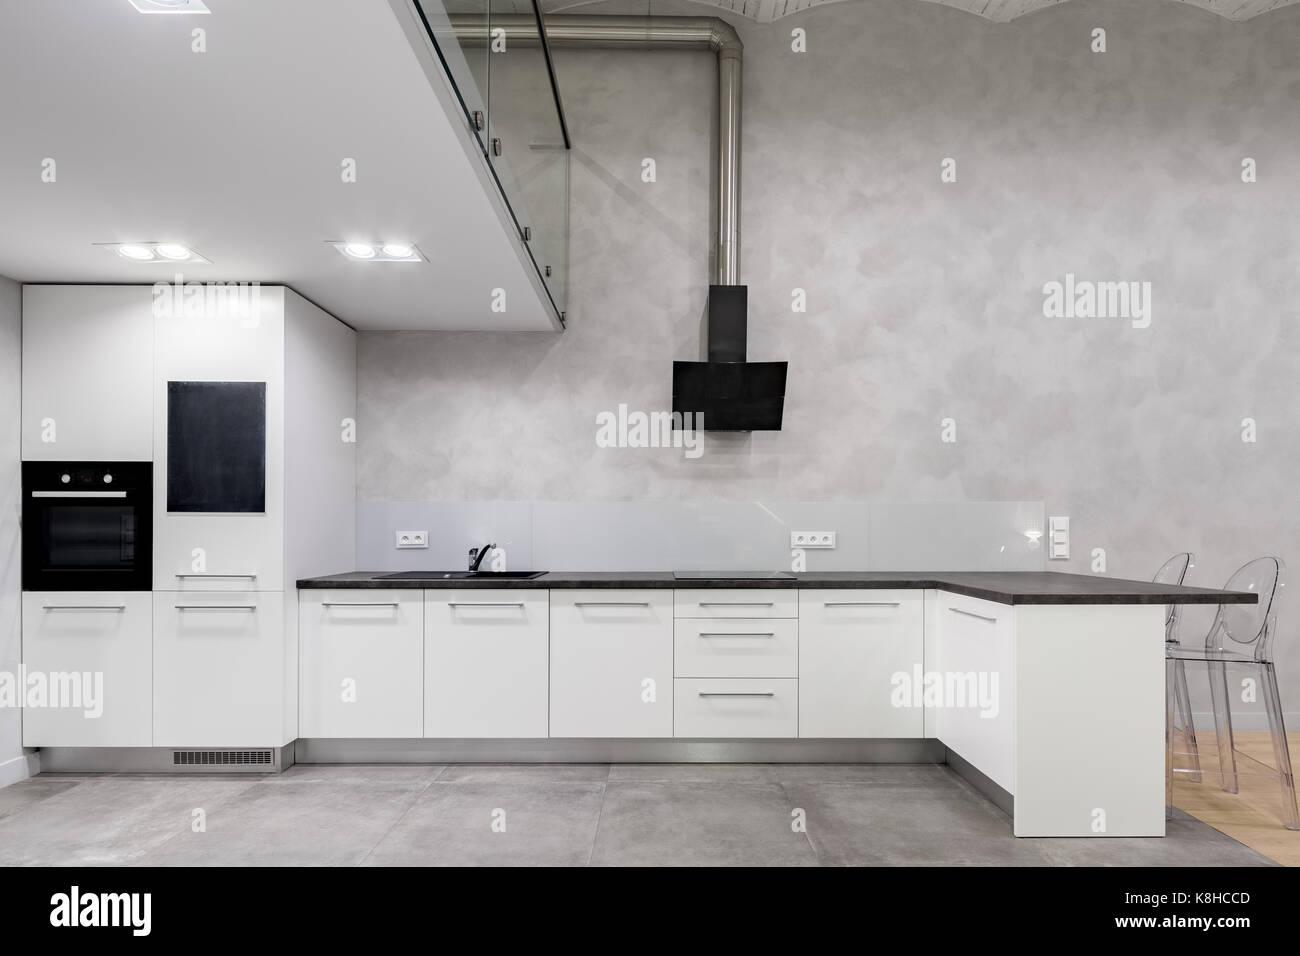 Moderne Einrichtung mit weißen Küche und Mezzanine Stockfoto ...